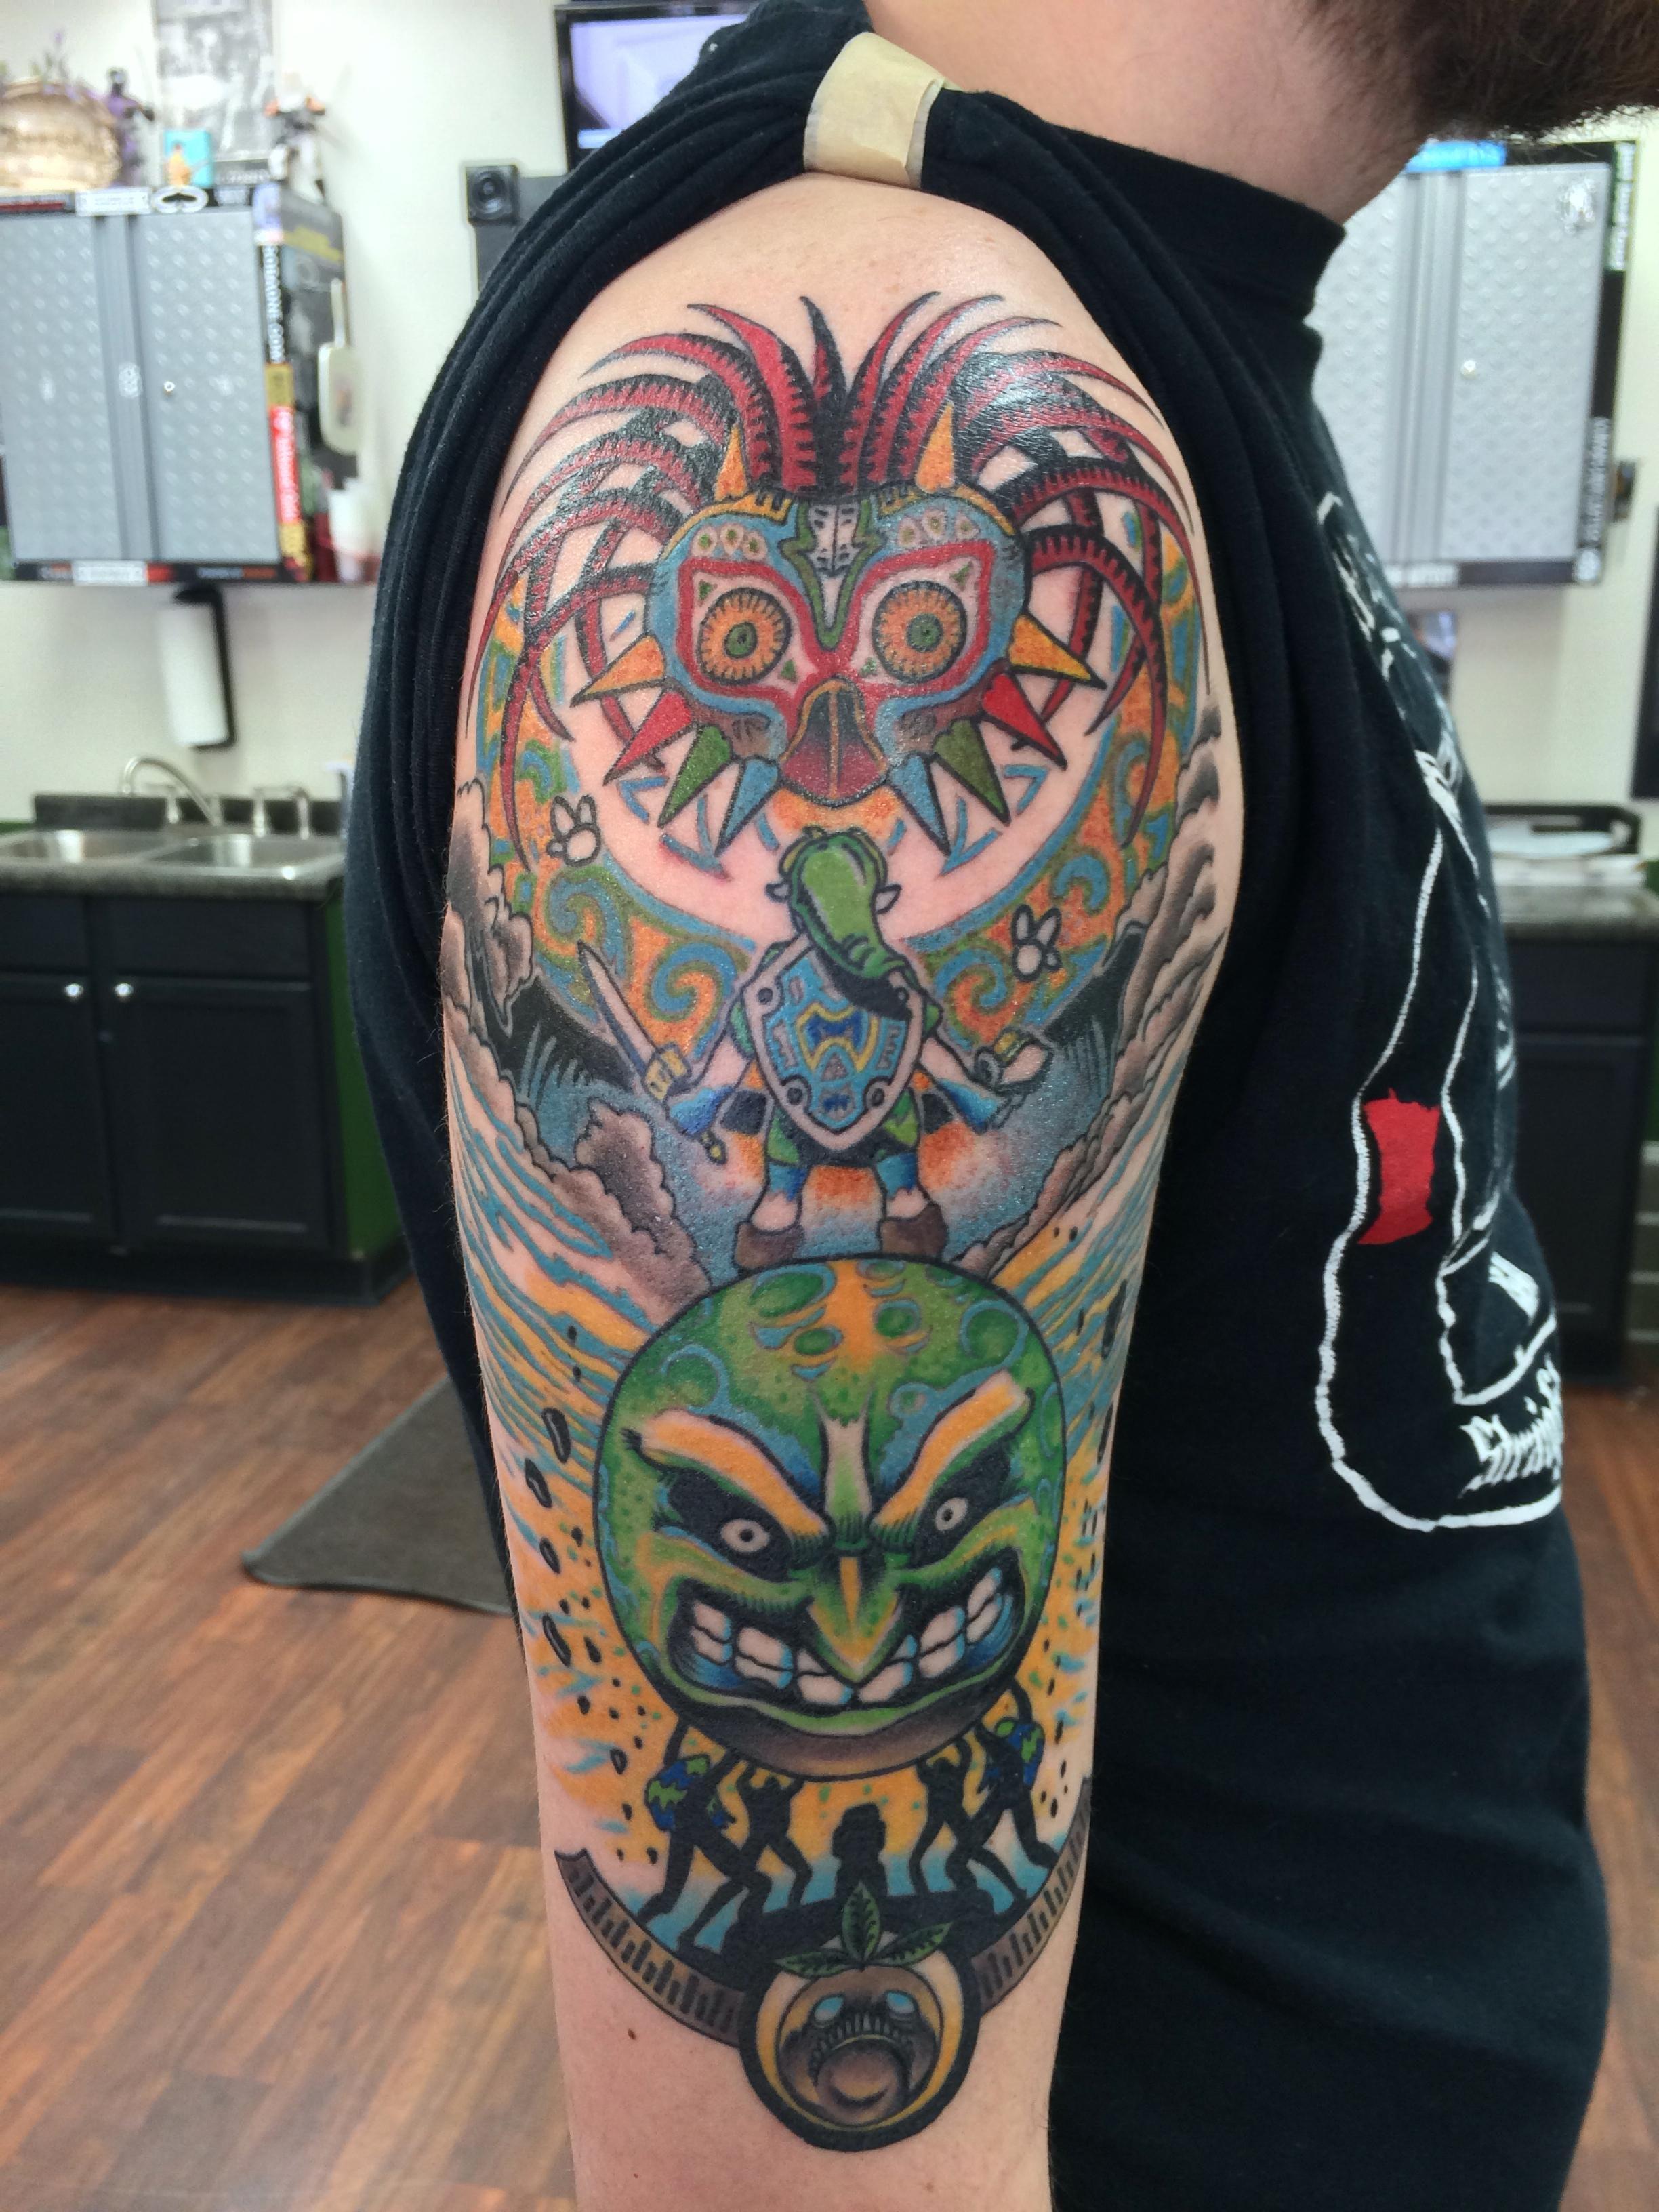 Mobile Upload   Brand new tattoos, Sleeve tattoos, Tattoos